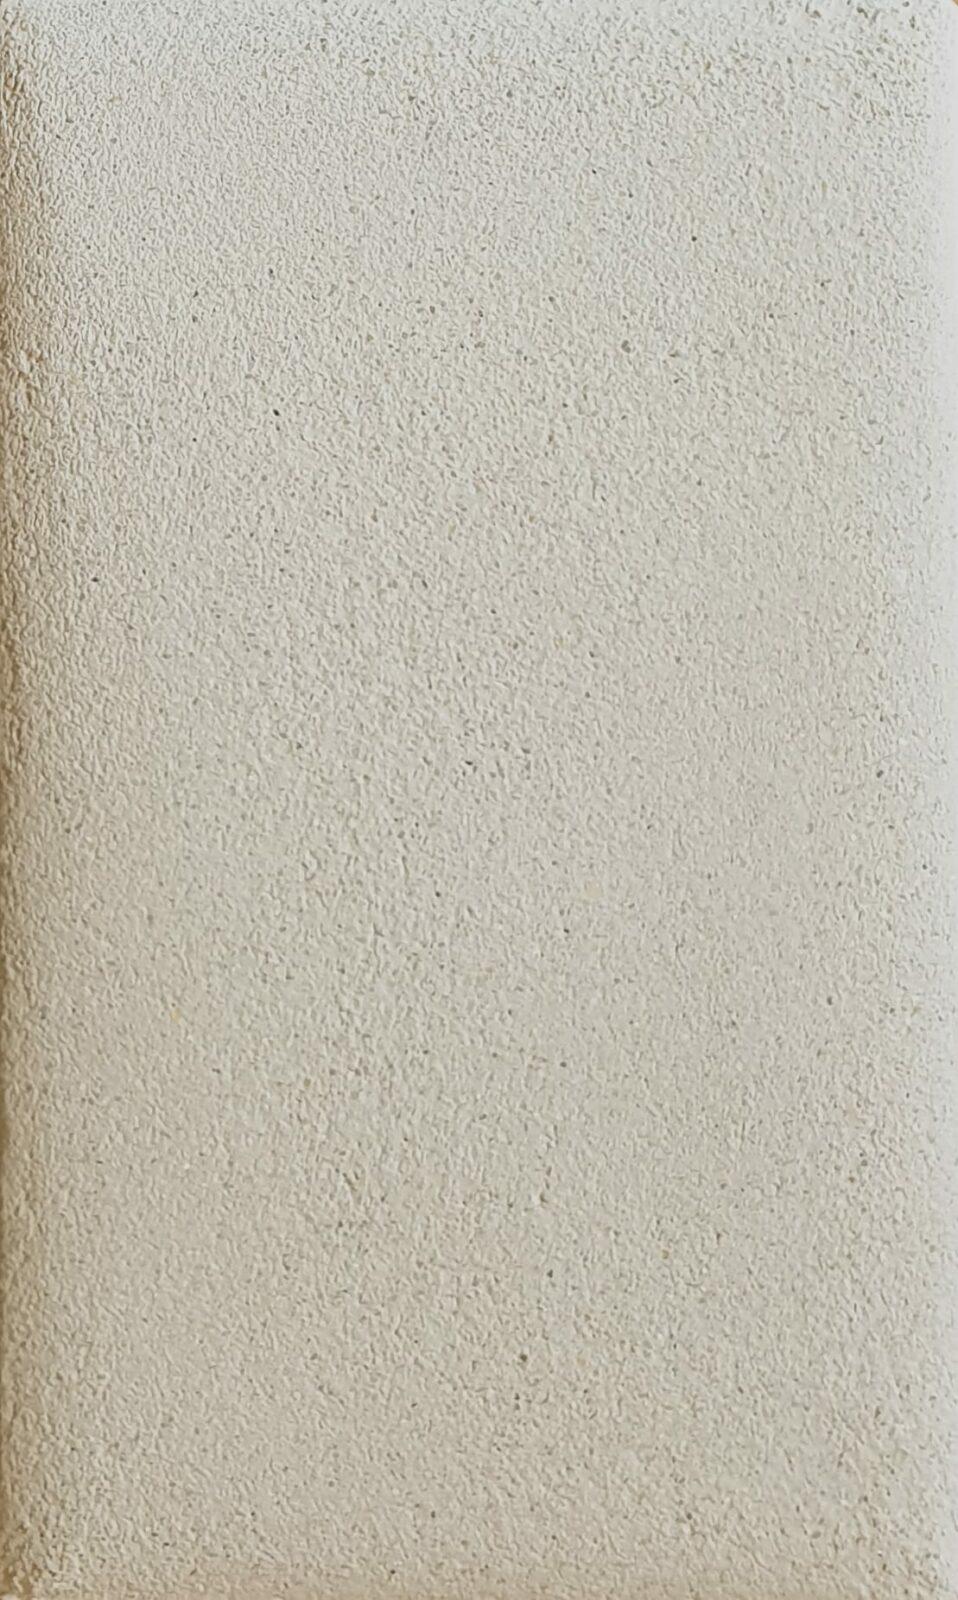 Gomera Finish 4% kleurleem leemstuc